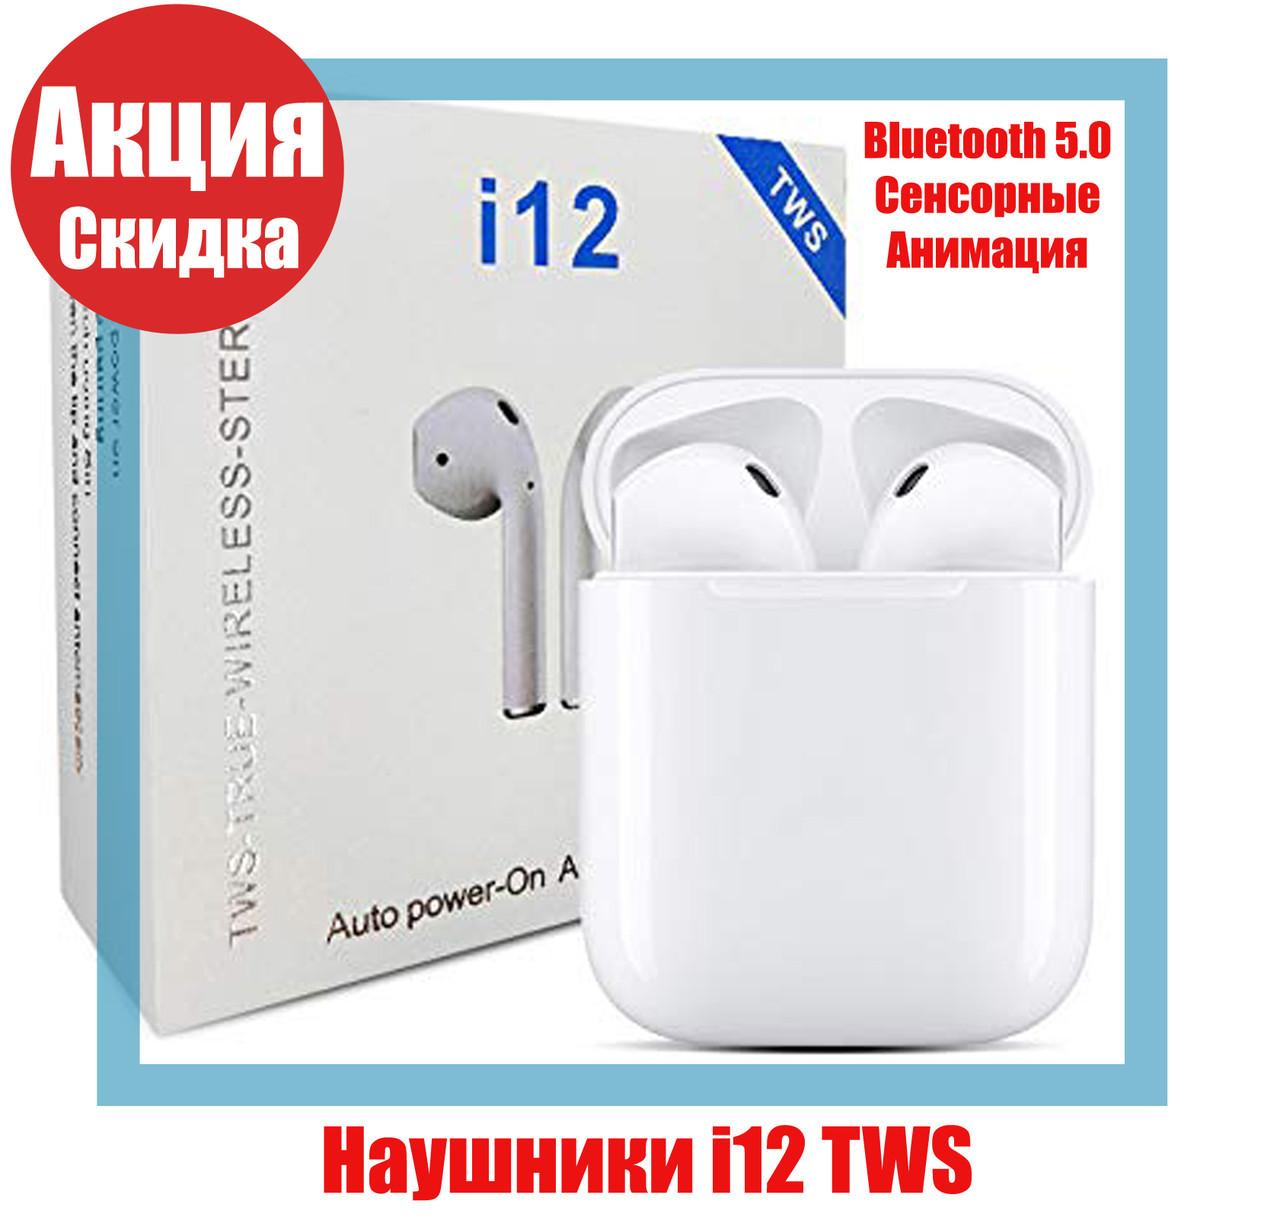 Наушники i12 TWS MINI беспроводные Bluetooth с кейсом и анимацией Qualitireplica